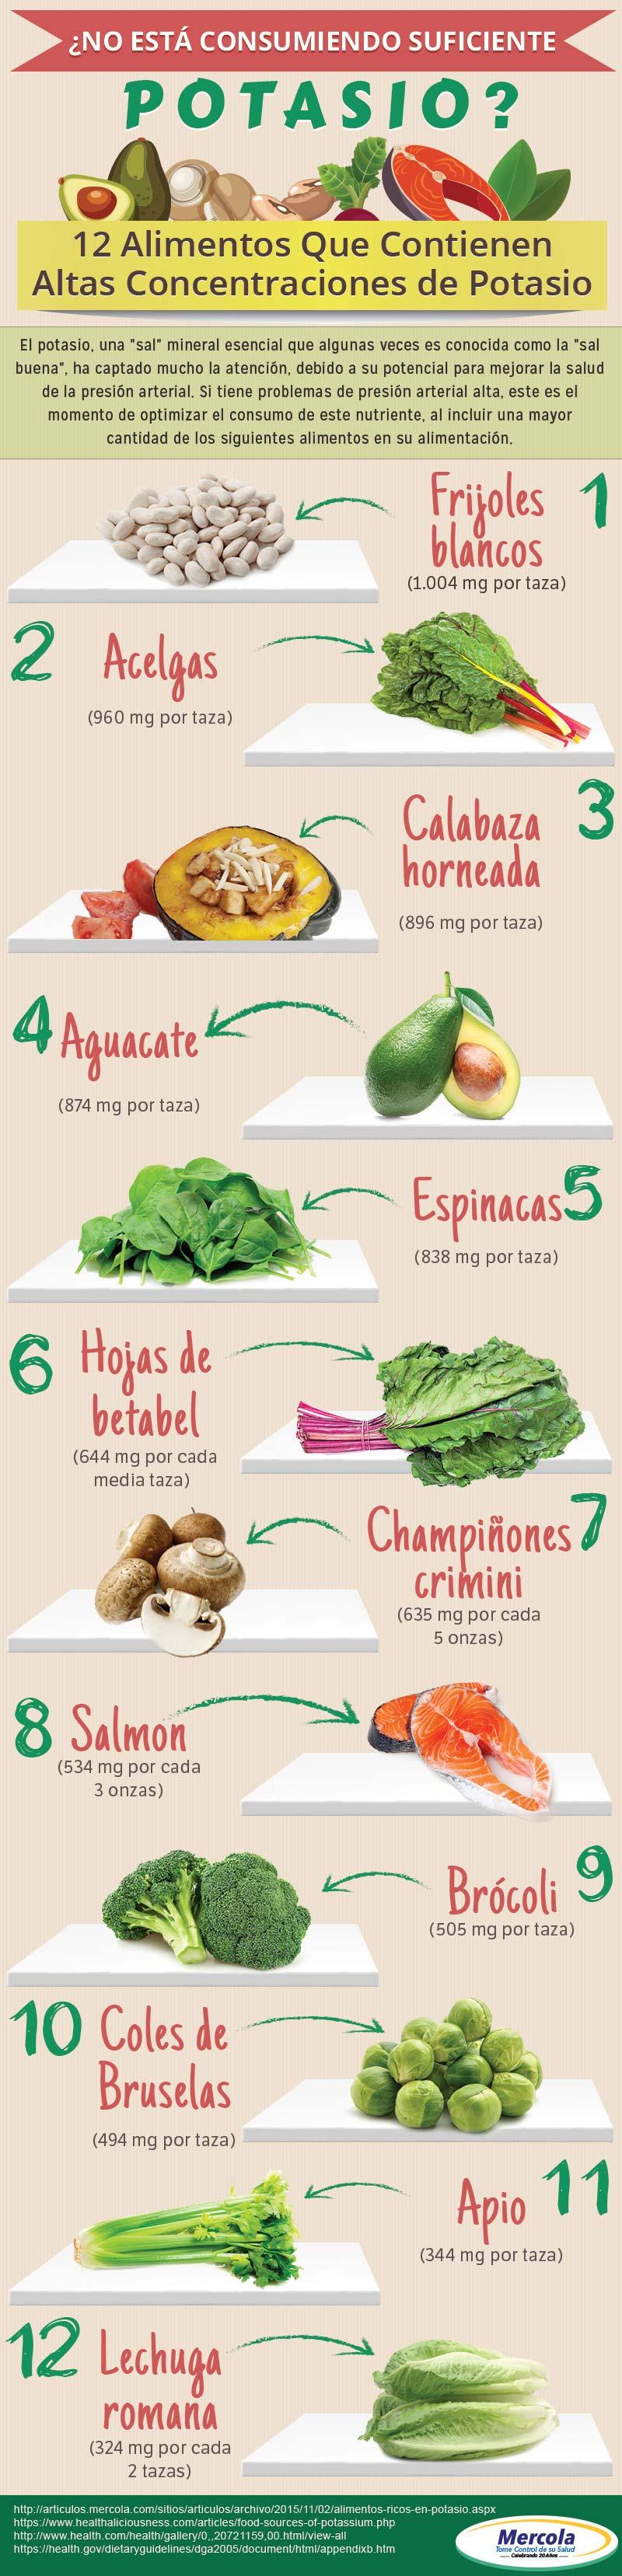 12 Alimentos Que Contienen Altas Concentraciones de Potasio